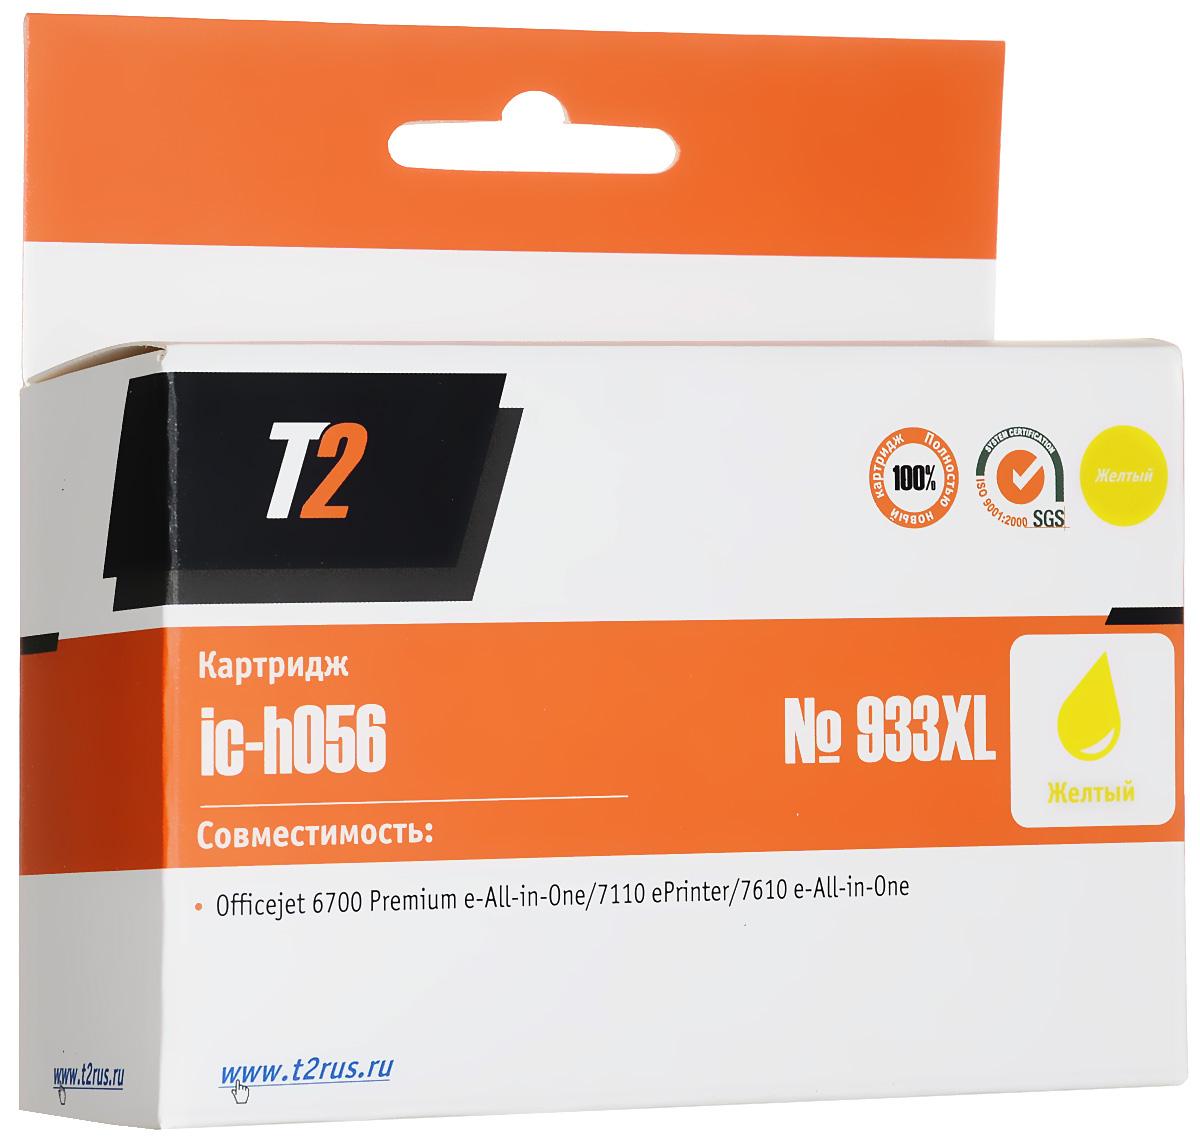 T2 IC-H056 картридж для HP Officejet 6100/6600/6700/7110/7610, YellowIC-H056Картридж T2 IC-H056 собран из дорогих японских комплектующих, протестирован по стандартам STMC и ISO. Специалисты на заводе следят за всеми аспектами сборки, вплоть до крутящего момента при закручивании винтов. С каждого картриджа на заводе делаются тестовые отпечатки. Для каждой модели картриджа подобраны оптимальные чернила. Каждая новая модель проходит тщательную проверку на градиенты, фантомные изображения, ровность заливки и общее качество картинки.